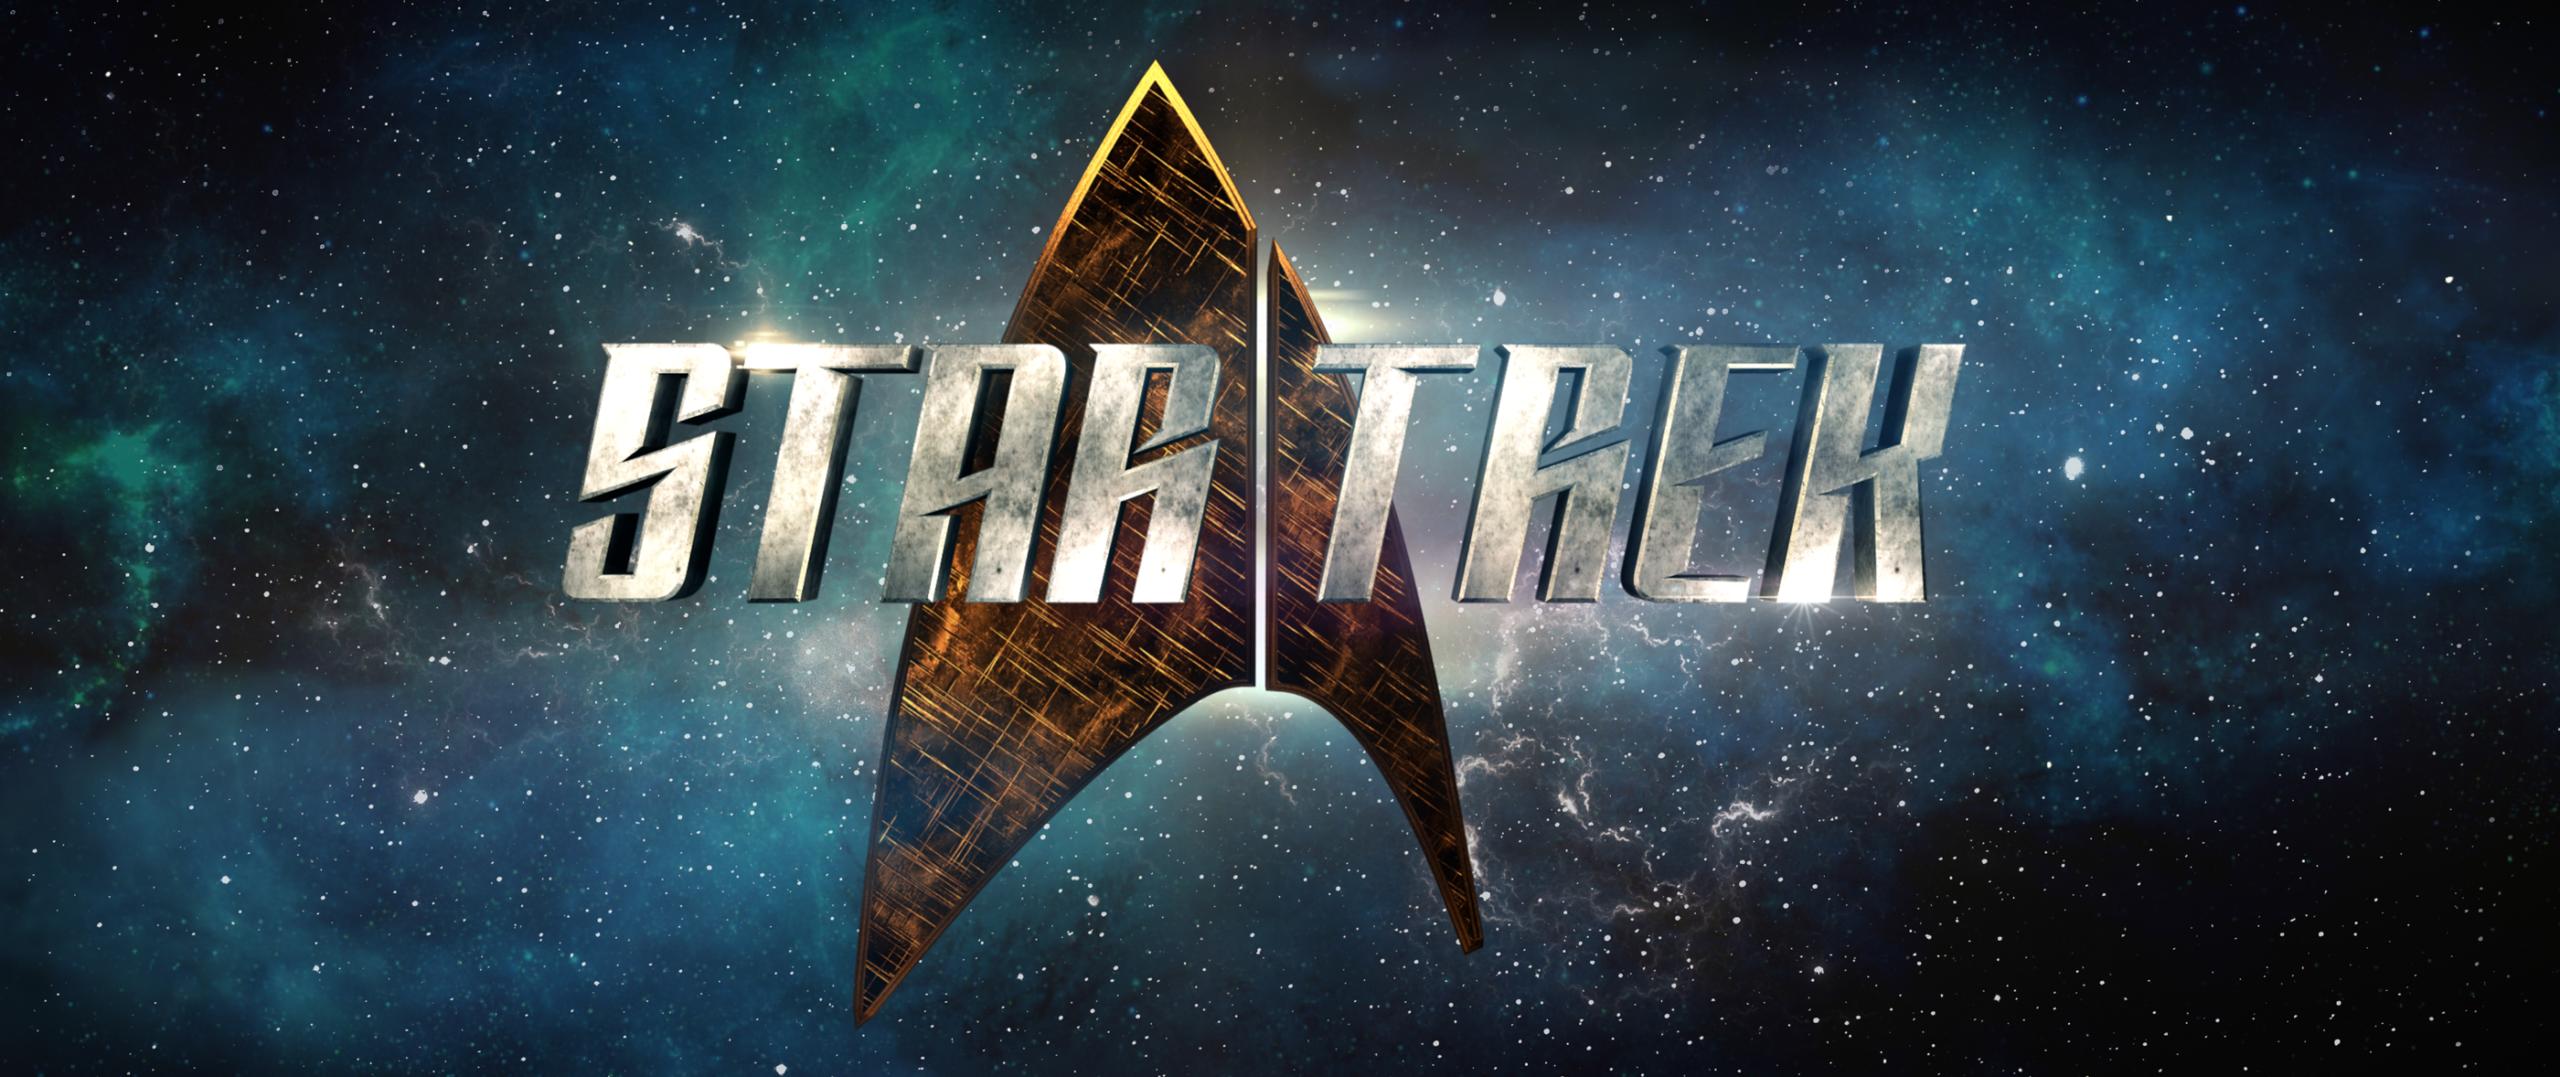 Aparelho inspirado em Star Trek diagnostica doenças em 15 minutos 1